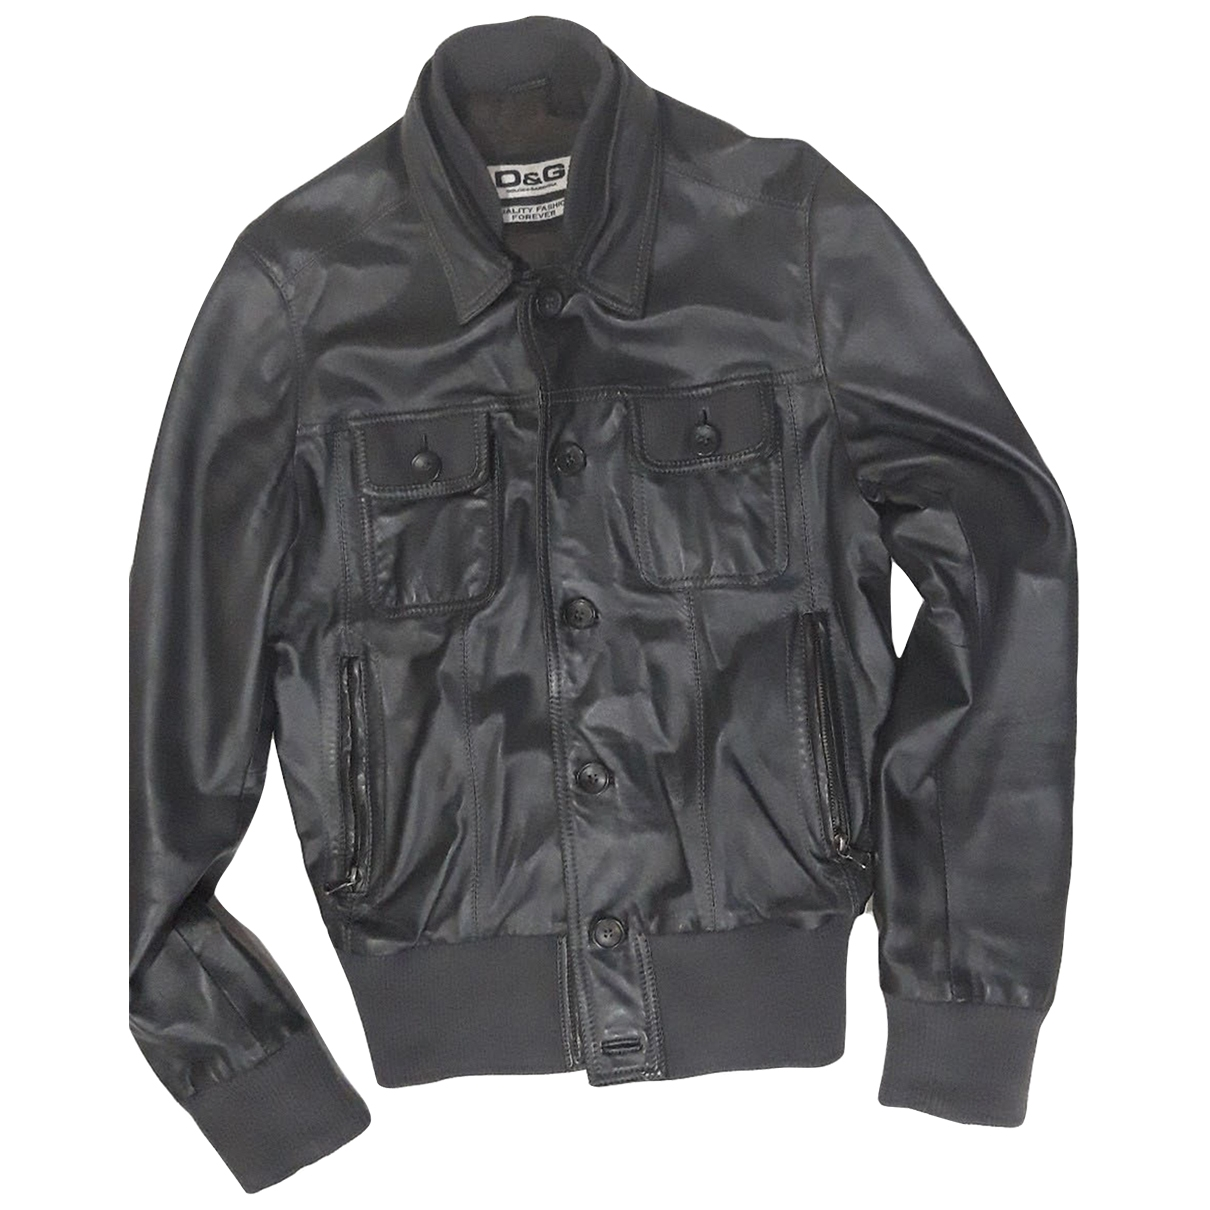 D&g \N Grey Leather jacket  for Men S International